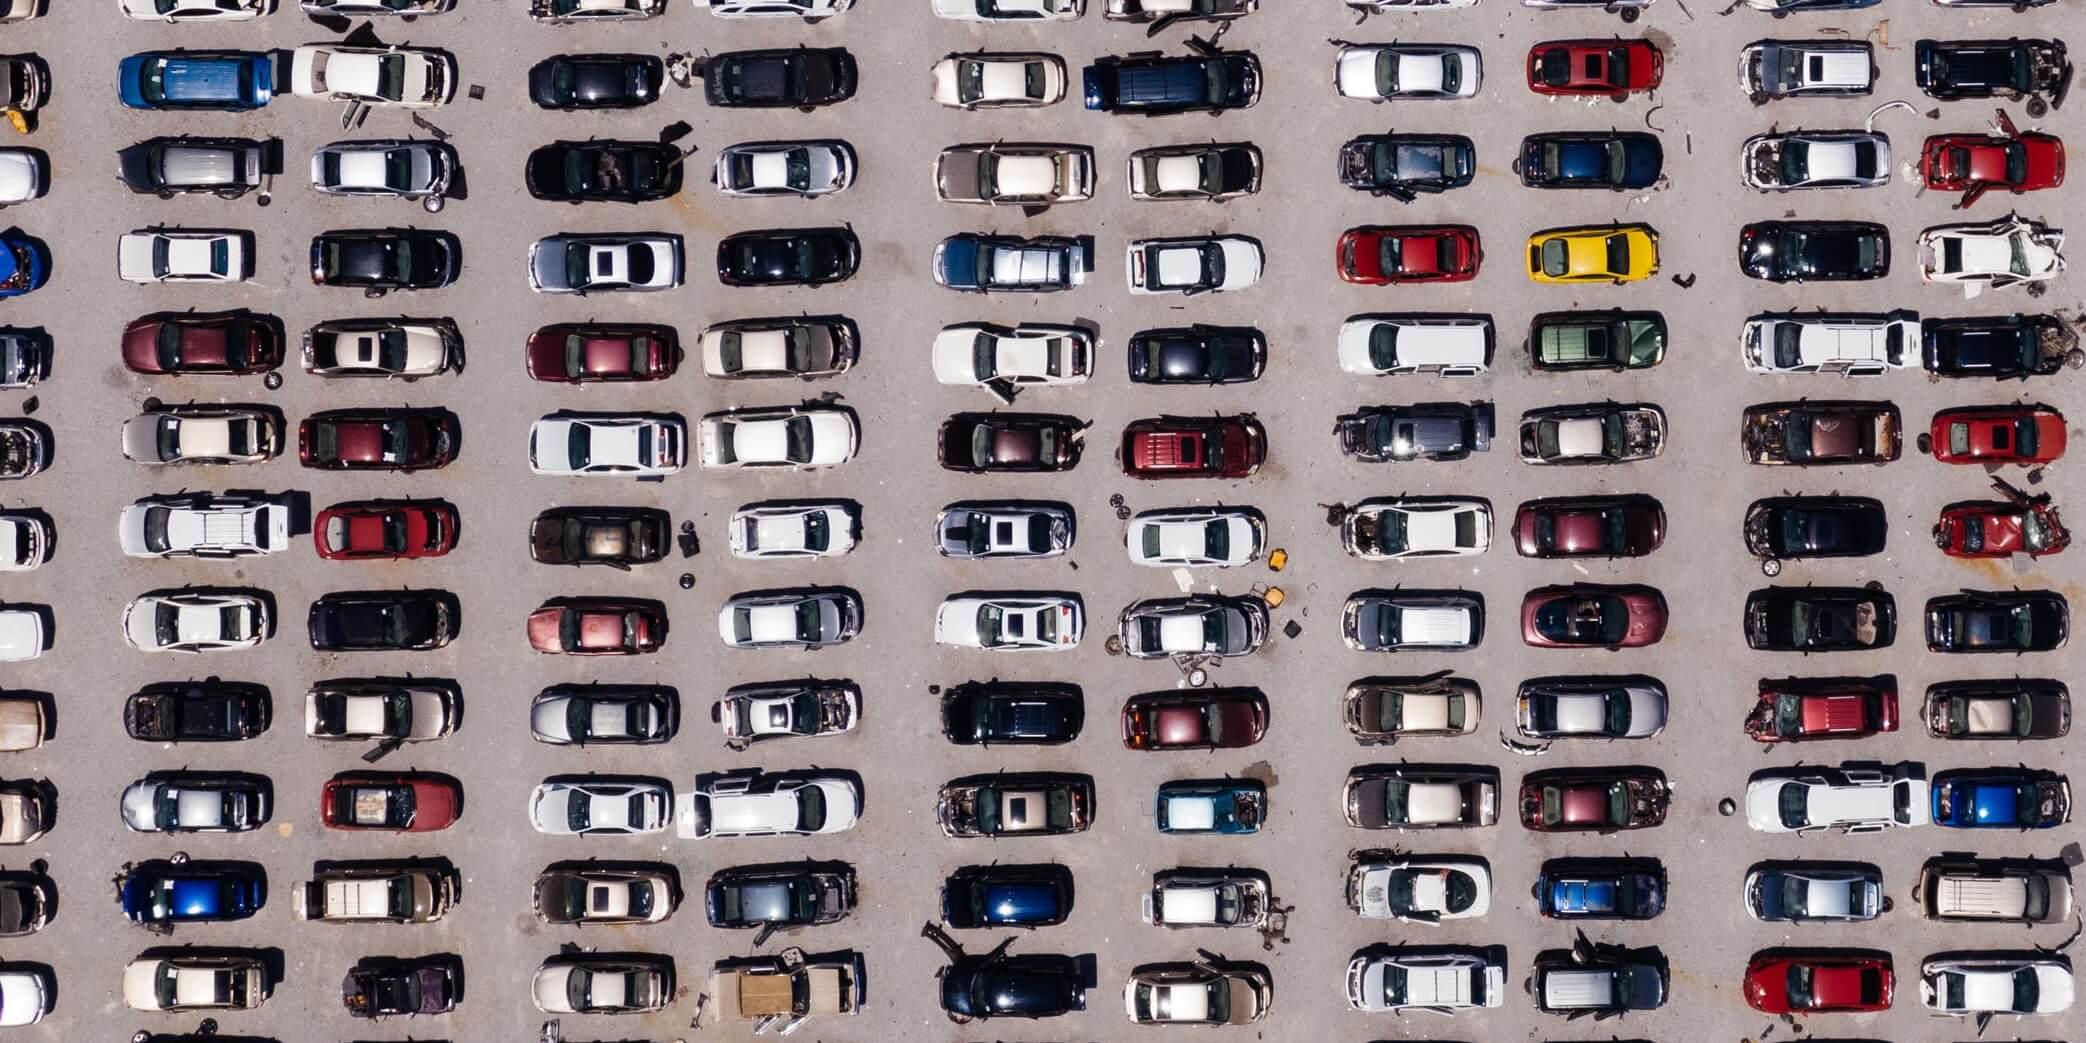 LPR camera alternatives for parking lot surveillance